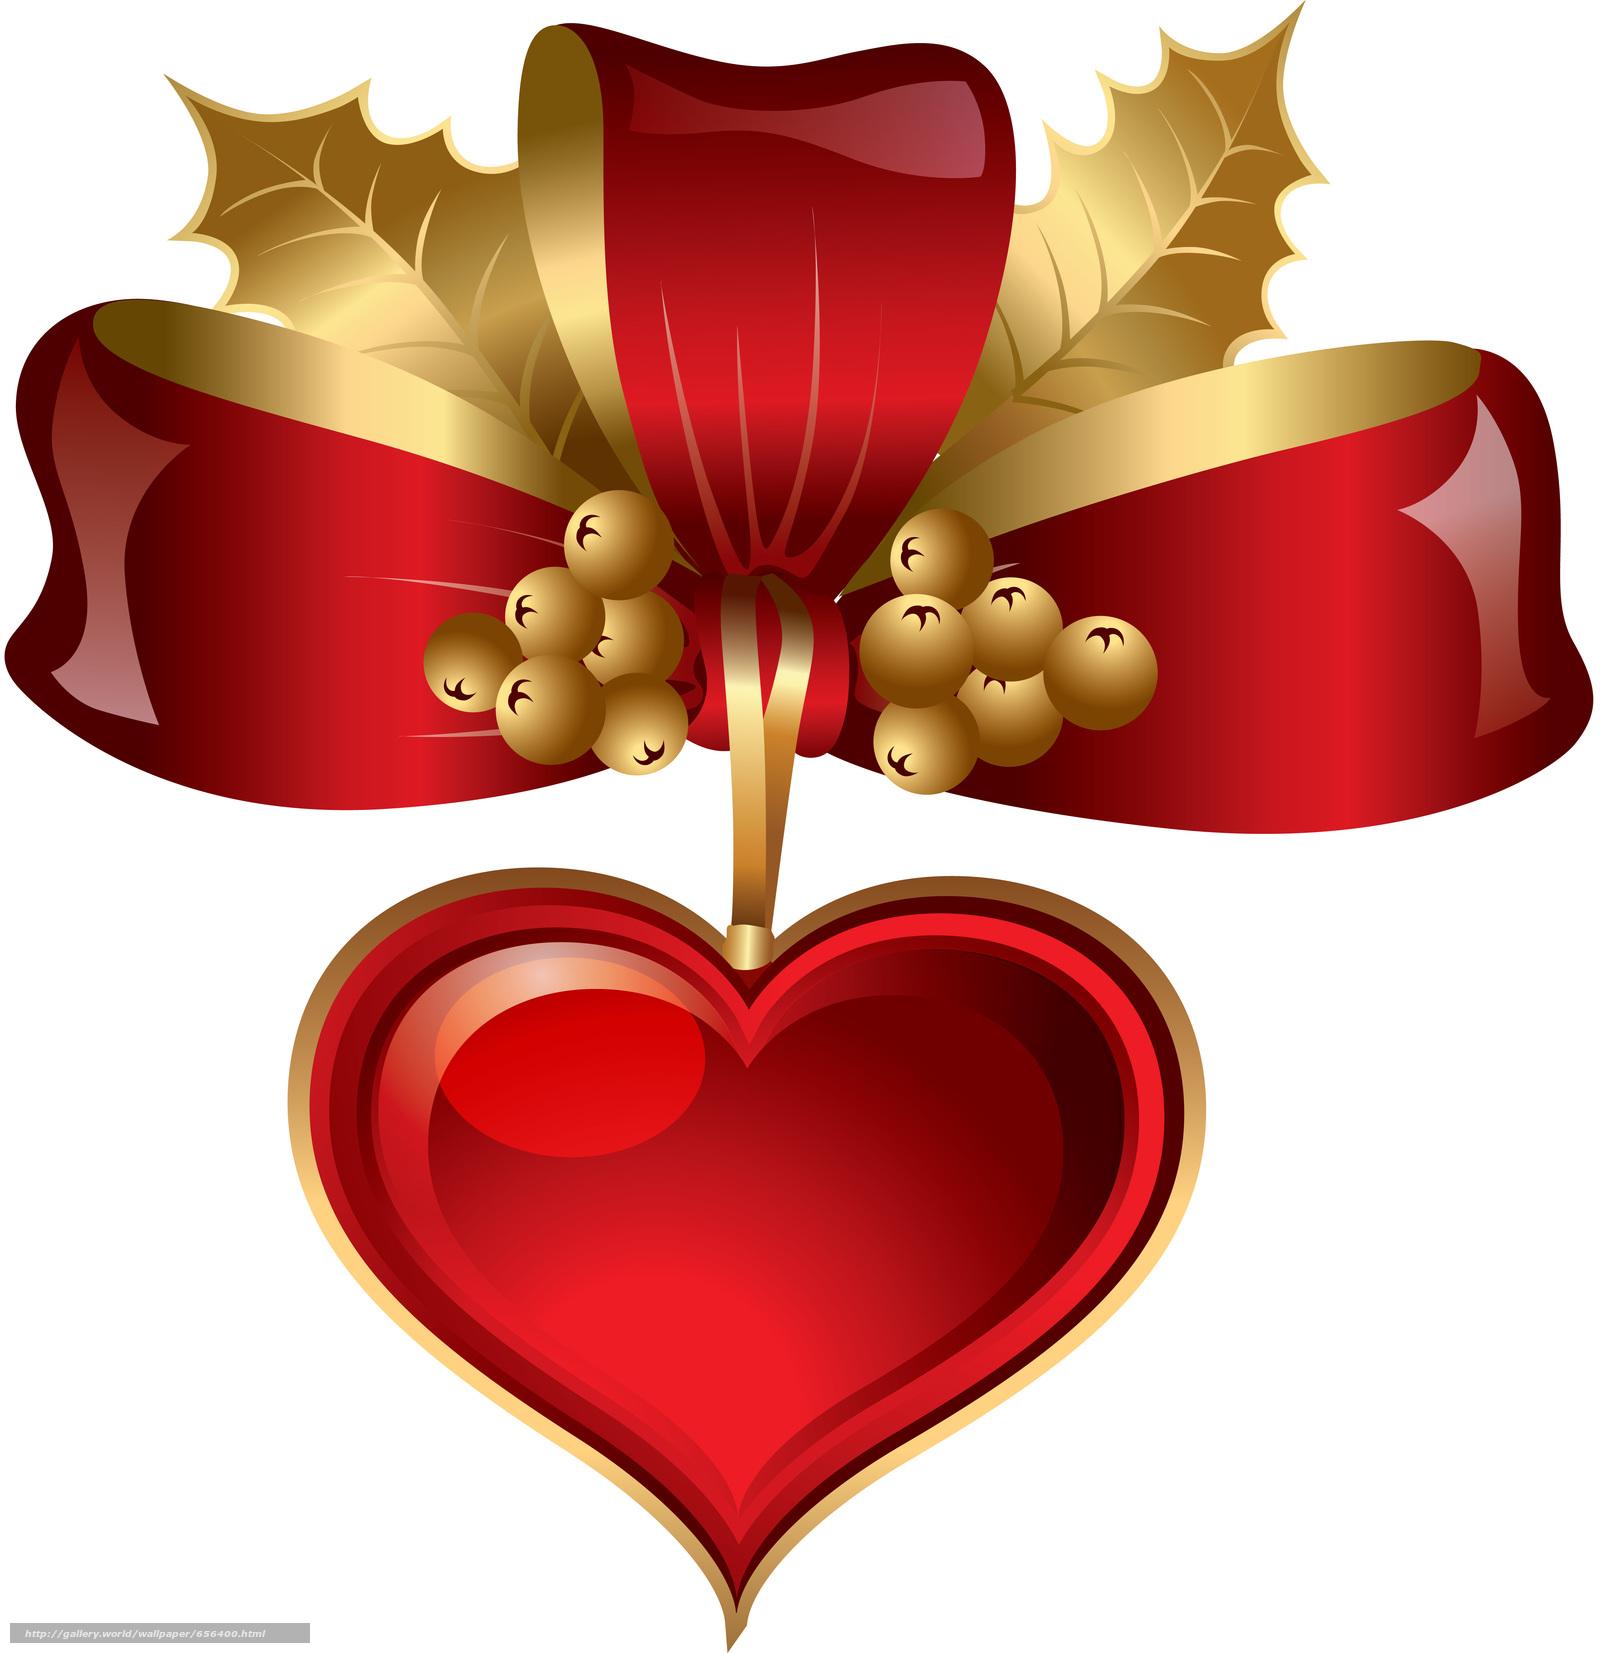 Скачать обои день святого валентина,  день всех влюбленных,  праздник,  сердце бесплатно для рабочего стола в разрешении 4827x4986 — картинка №656400